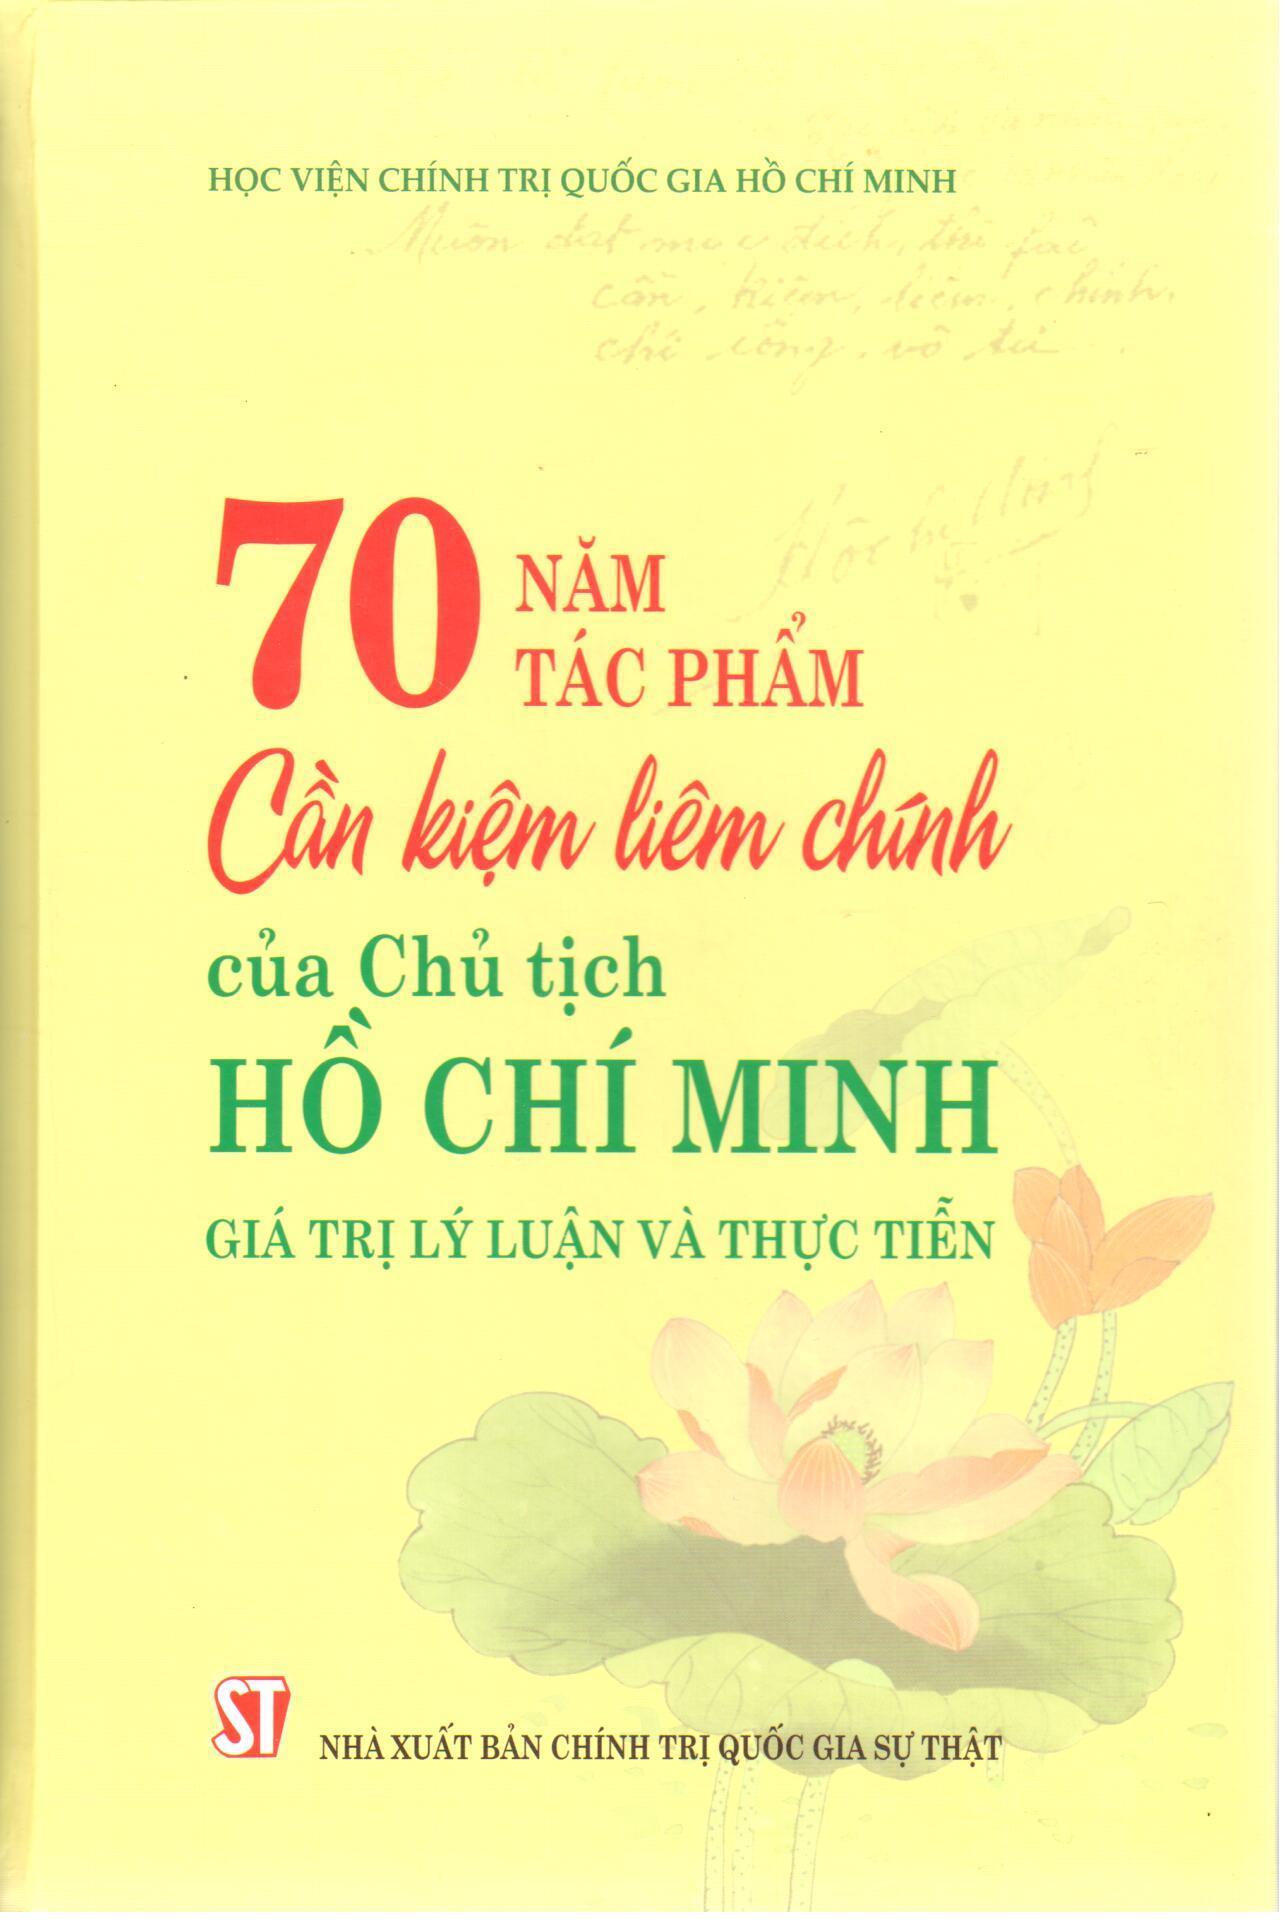 70 năm tác phẩm Cần kiệm liêm chính của Chủ tịch Hồ Chí Minh - Giá trị lý luận và thực tiễn